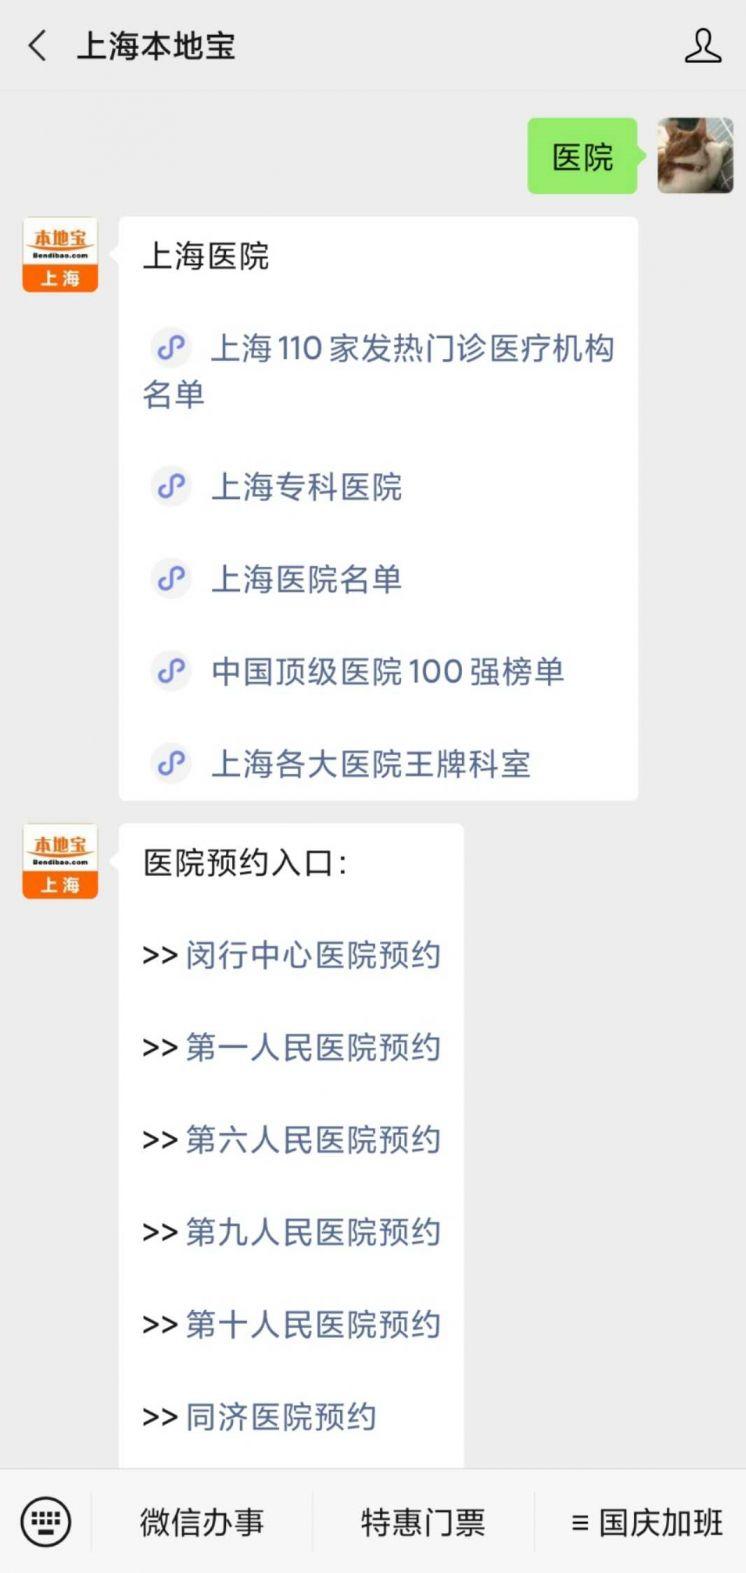 上海第九人民医院可以网上预约挂号吗